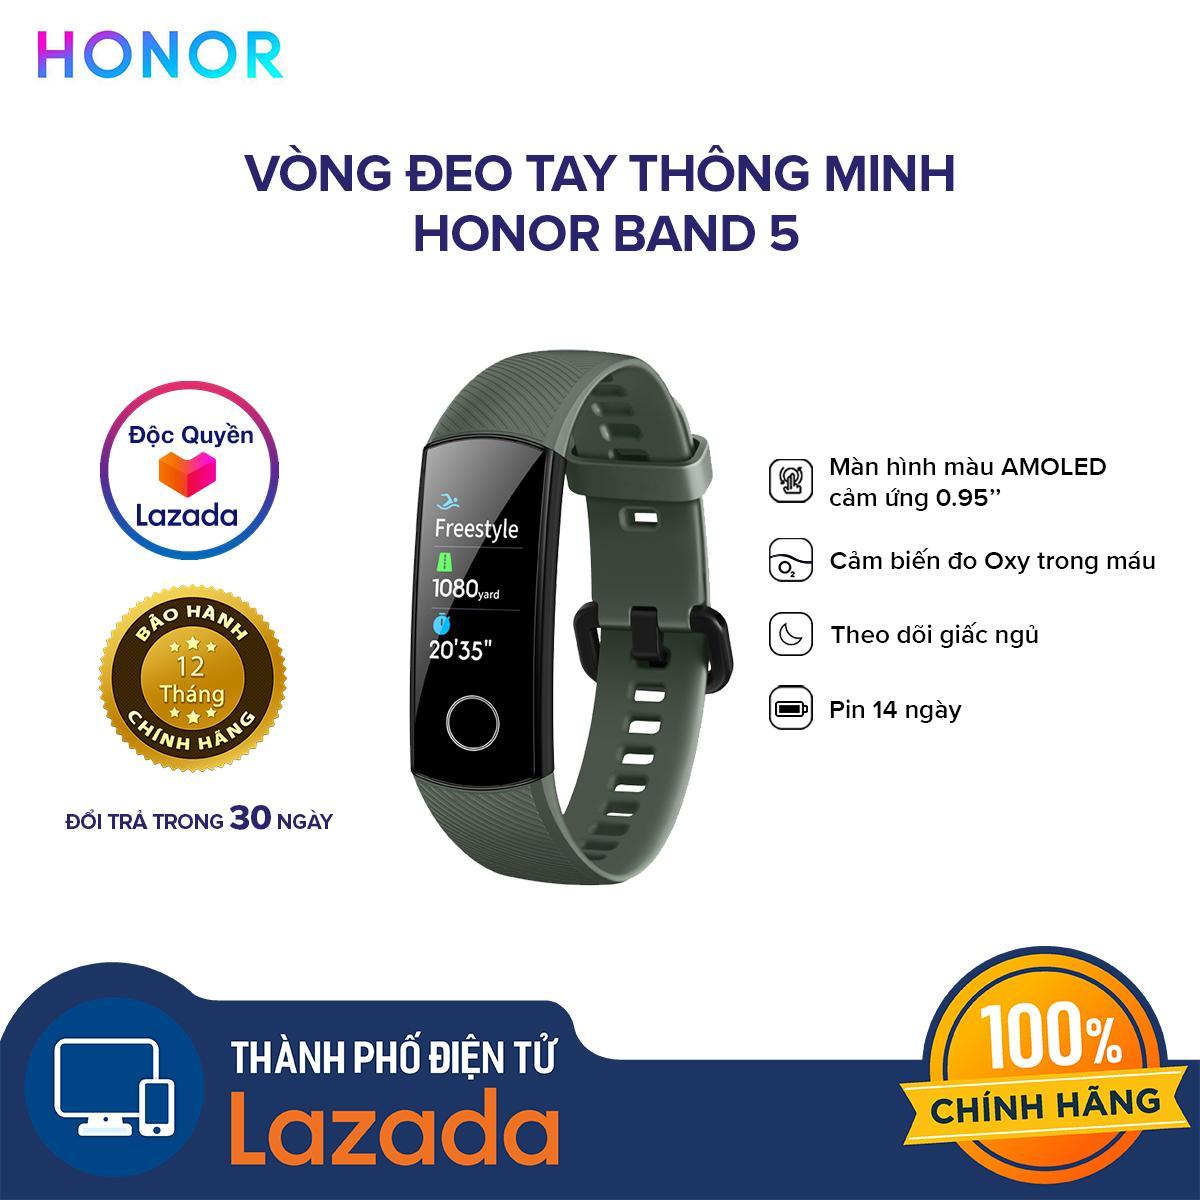 Giá [HÀNG CHÍNH HÃNG - ĐỘC QUYỀN LAZADA] Vòng đeo tay thông minh Honor Band 5  - Chức năng đo Oxy trong máu SpO2 - Màn hình AMOLED - 10 chế độ thể thao - Chống nước 50M